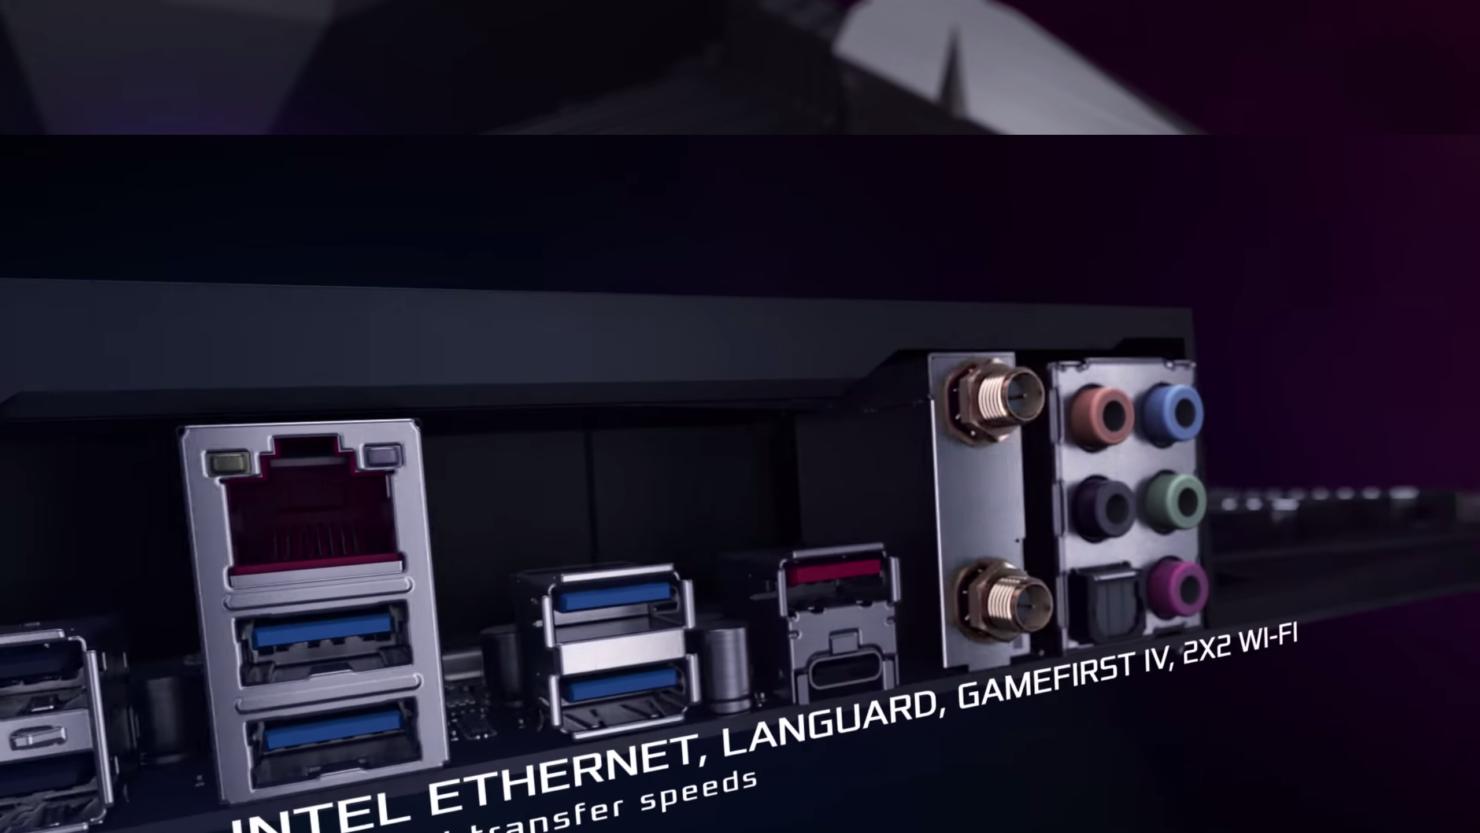 asus-rog-strix-x299-e-motherboard-intel-core-x-processors_6